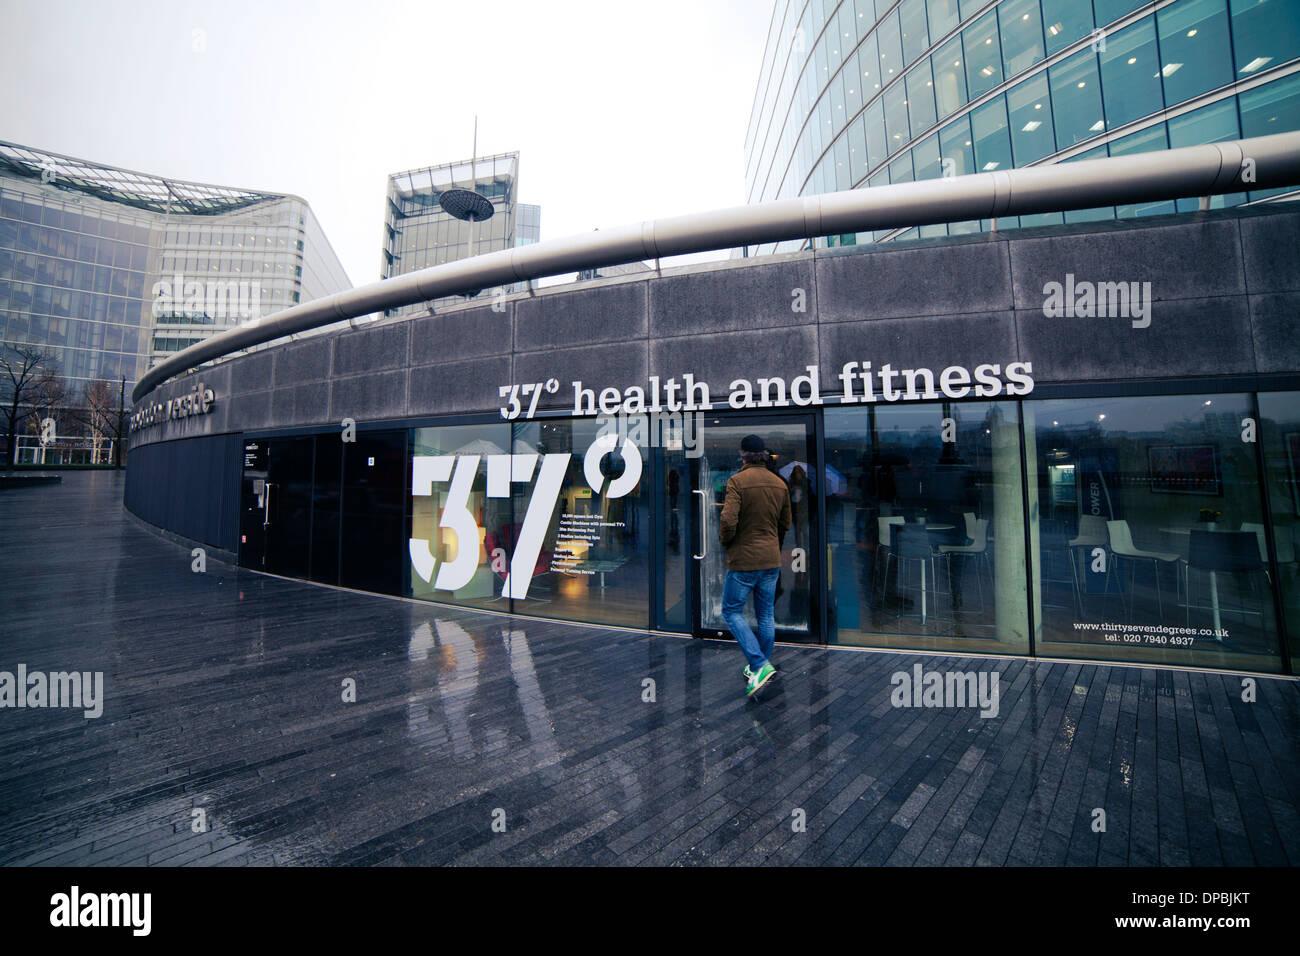 37 centro de salud y gimnasio en Londres, Reino Unido. Hombre caminando fuera Imagen De Stock